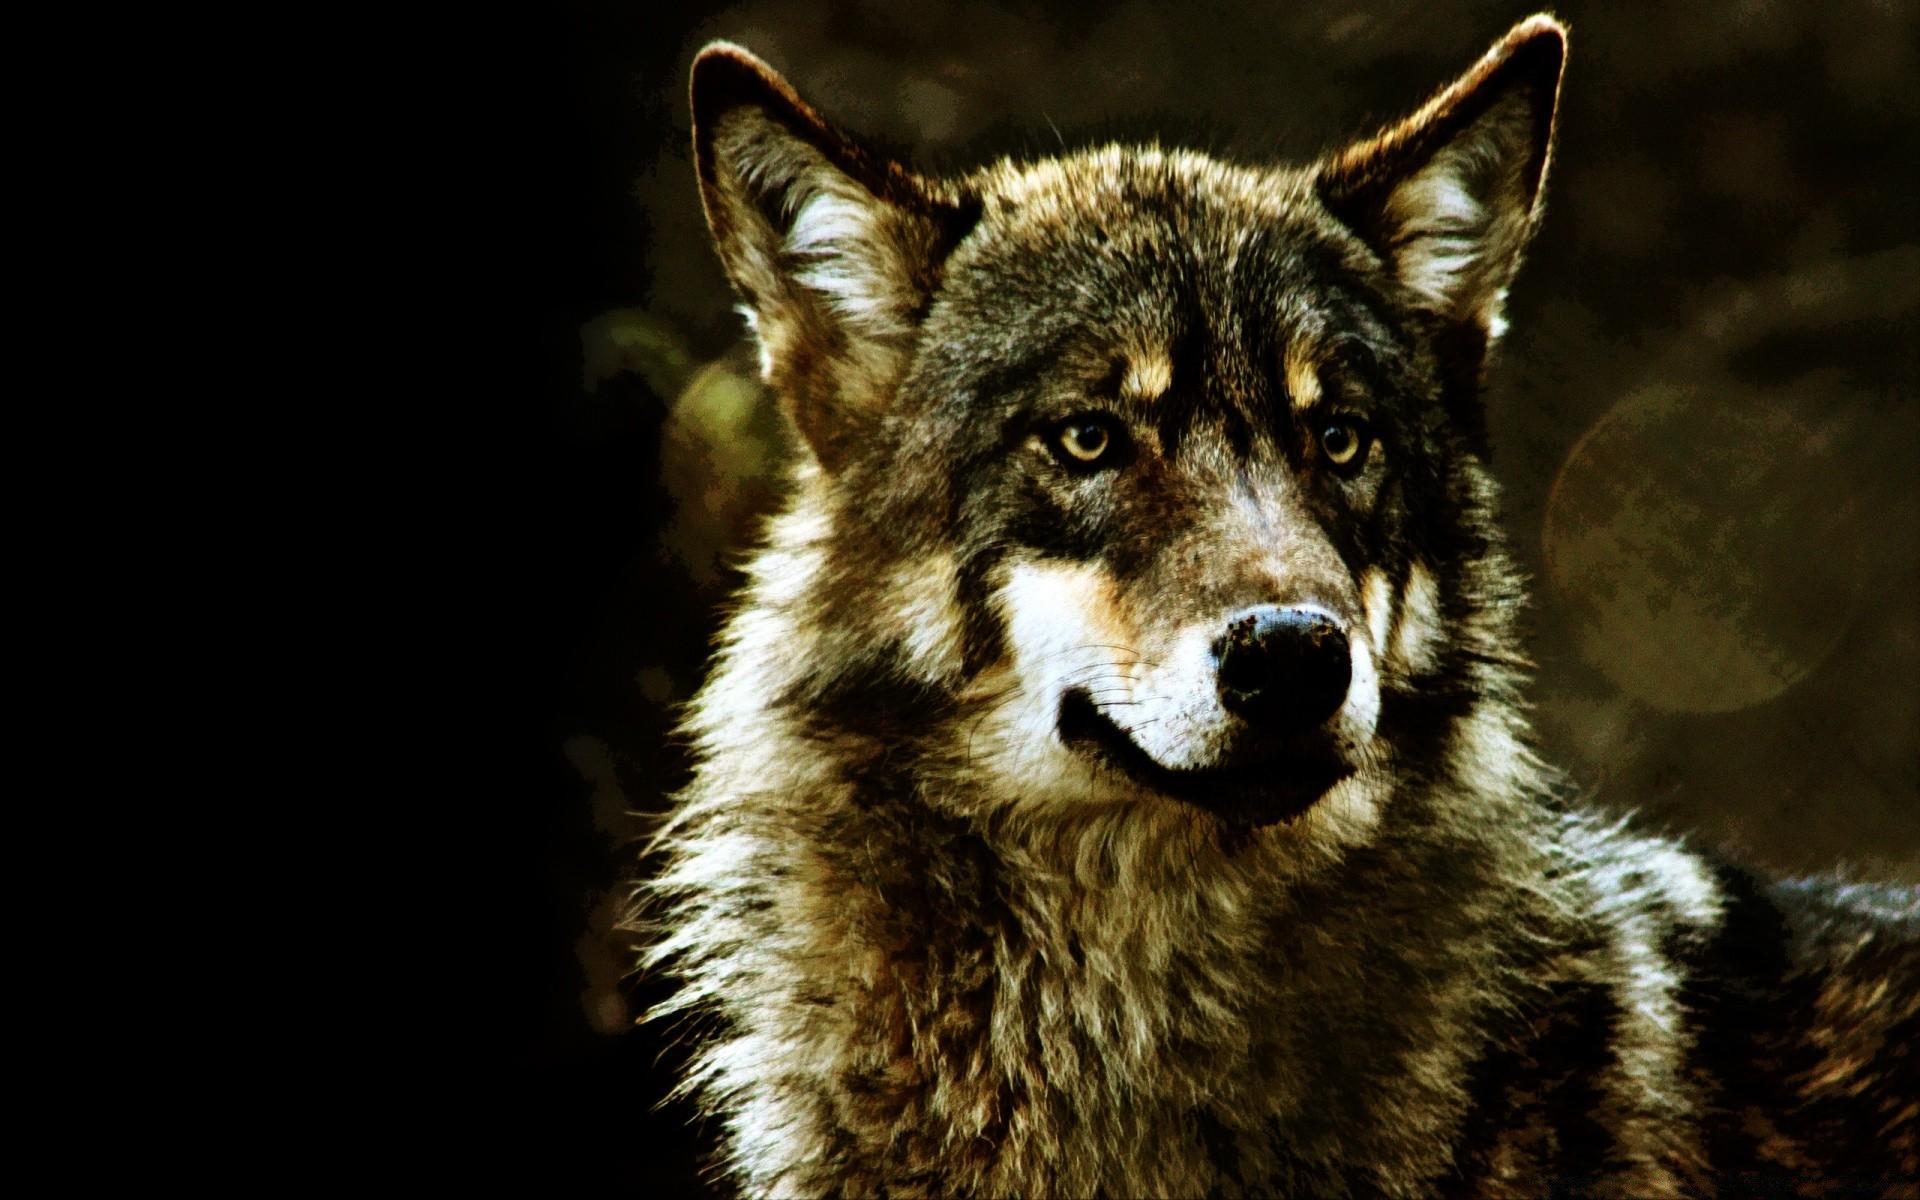 крутые картинки с волками на рабочий стол тот пусть офигенно